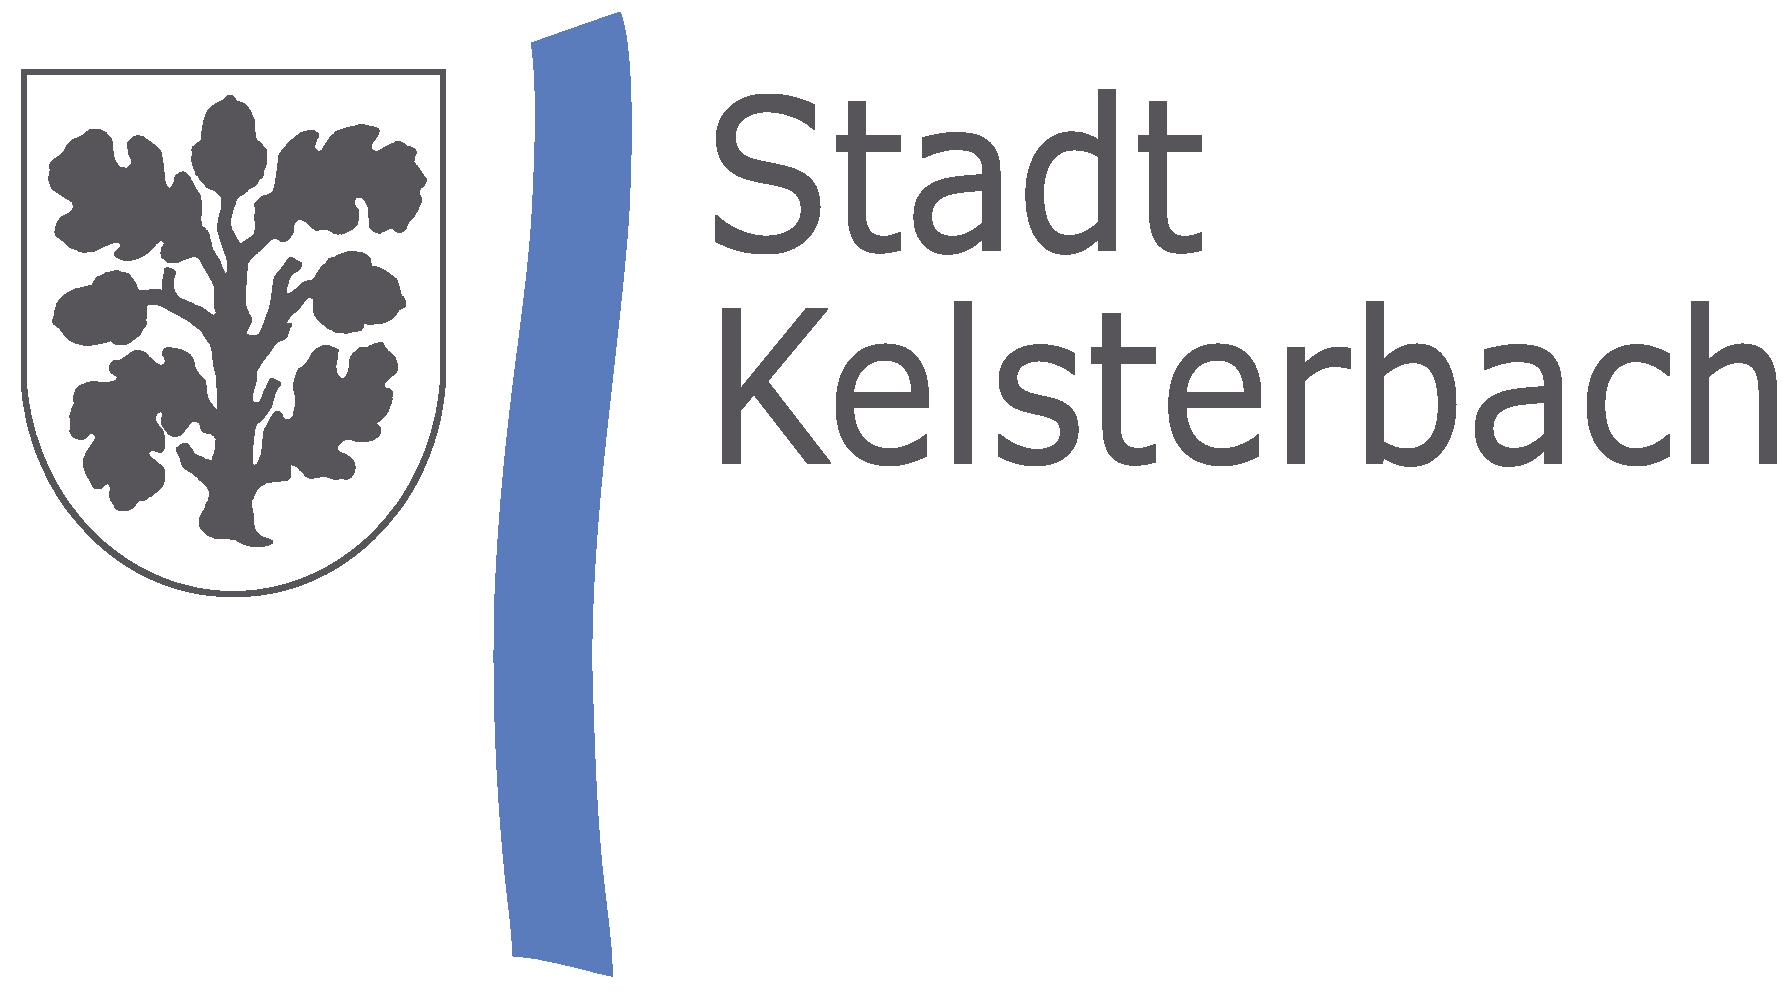 https://www.kelsterbach.de/